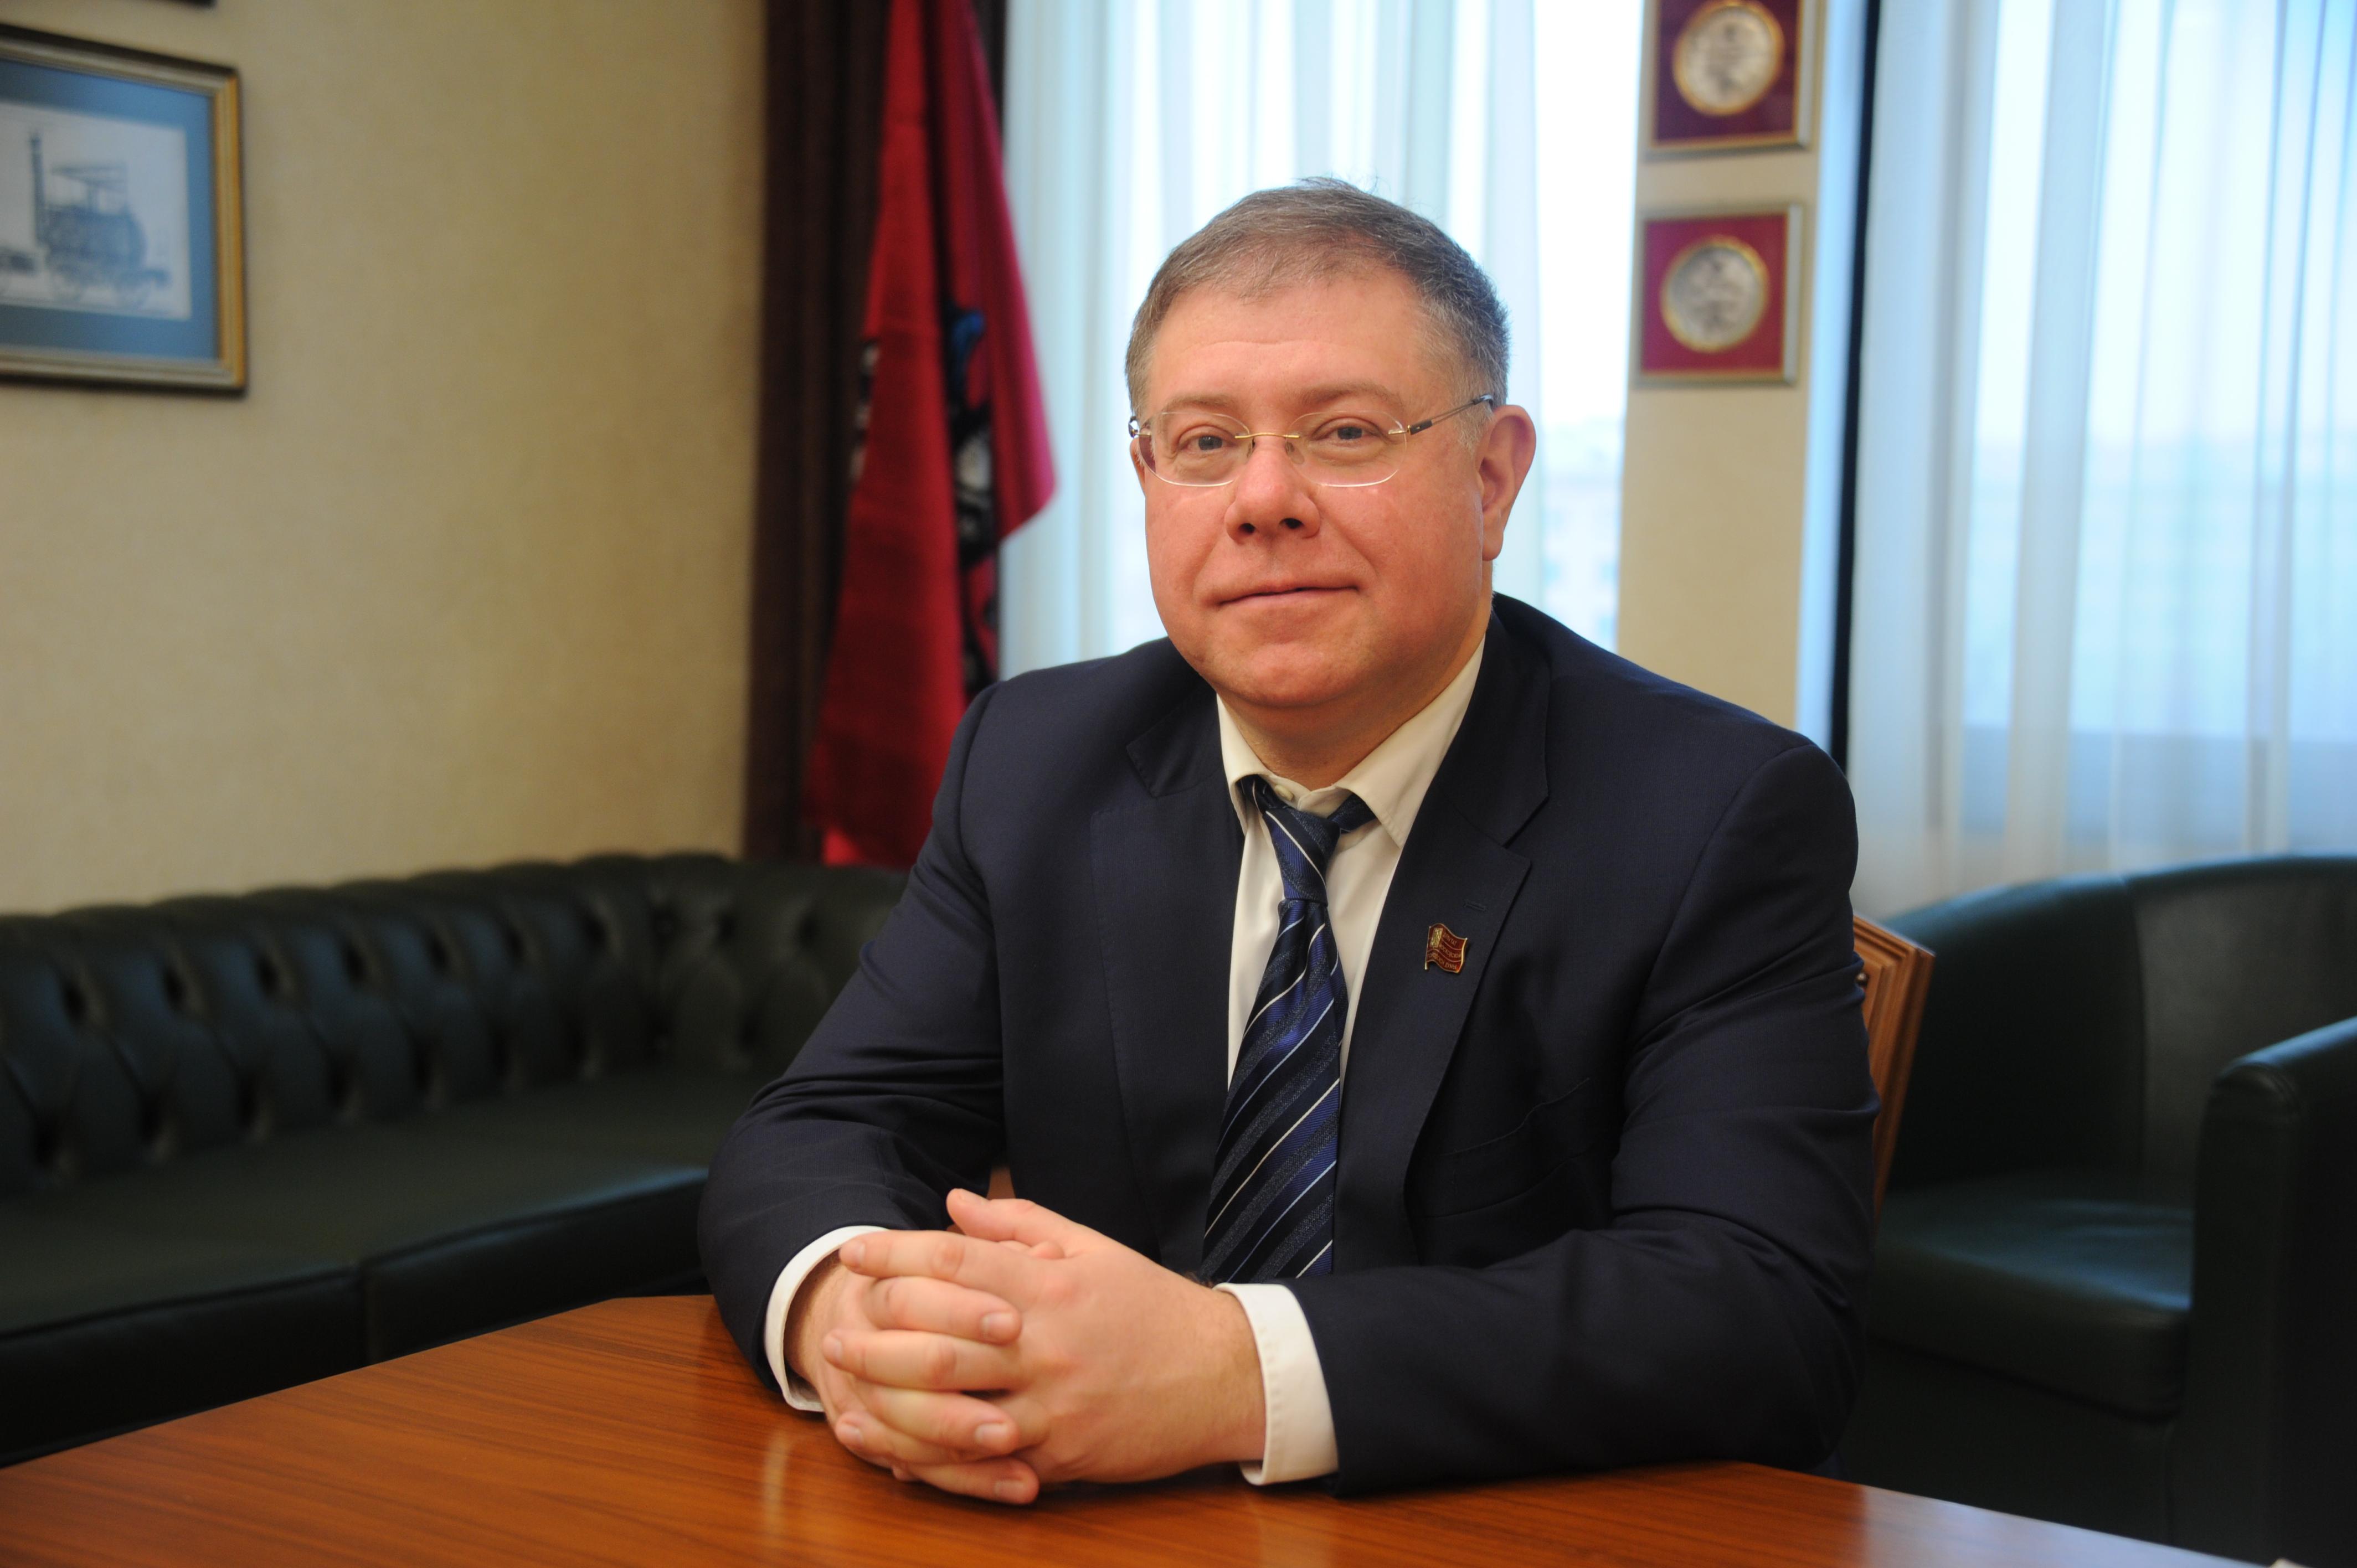 Депутат Мосгордумы Степан Орлов: Курс на цифровизацию — в Москве это устойчивый тренд